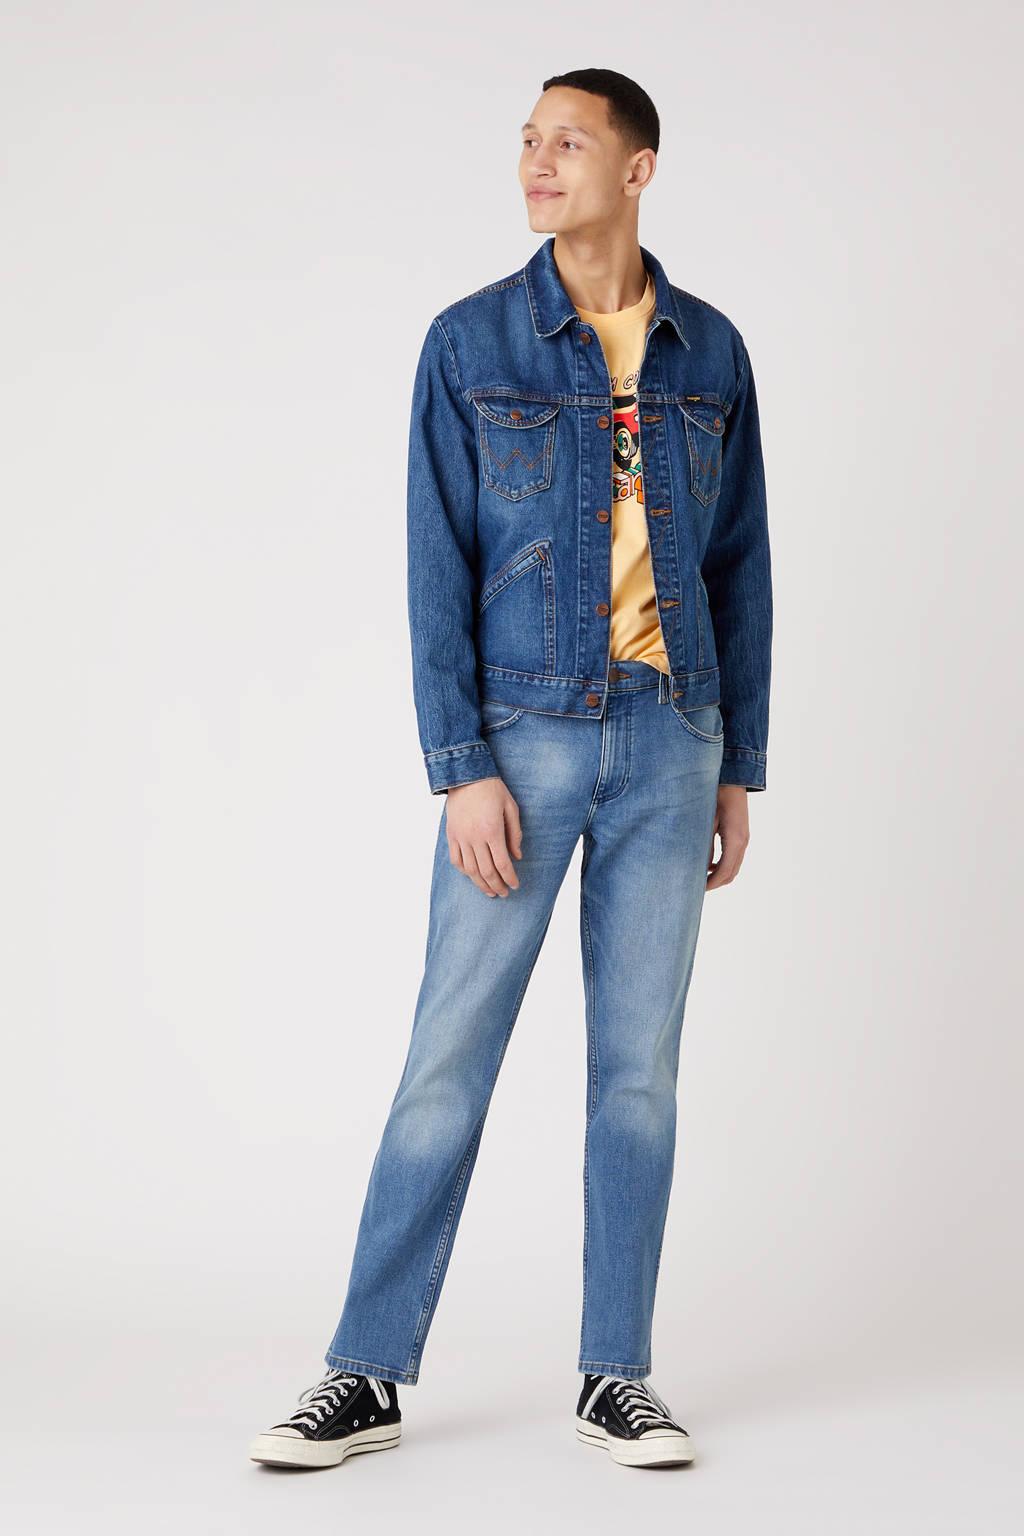 Wrangler regular fit jeans Greenboro blue fever, Blue Fever